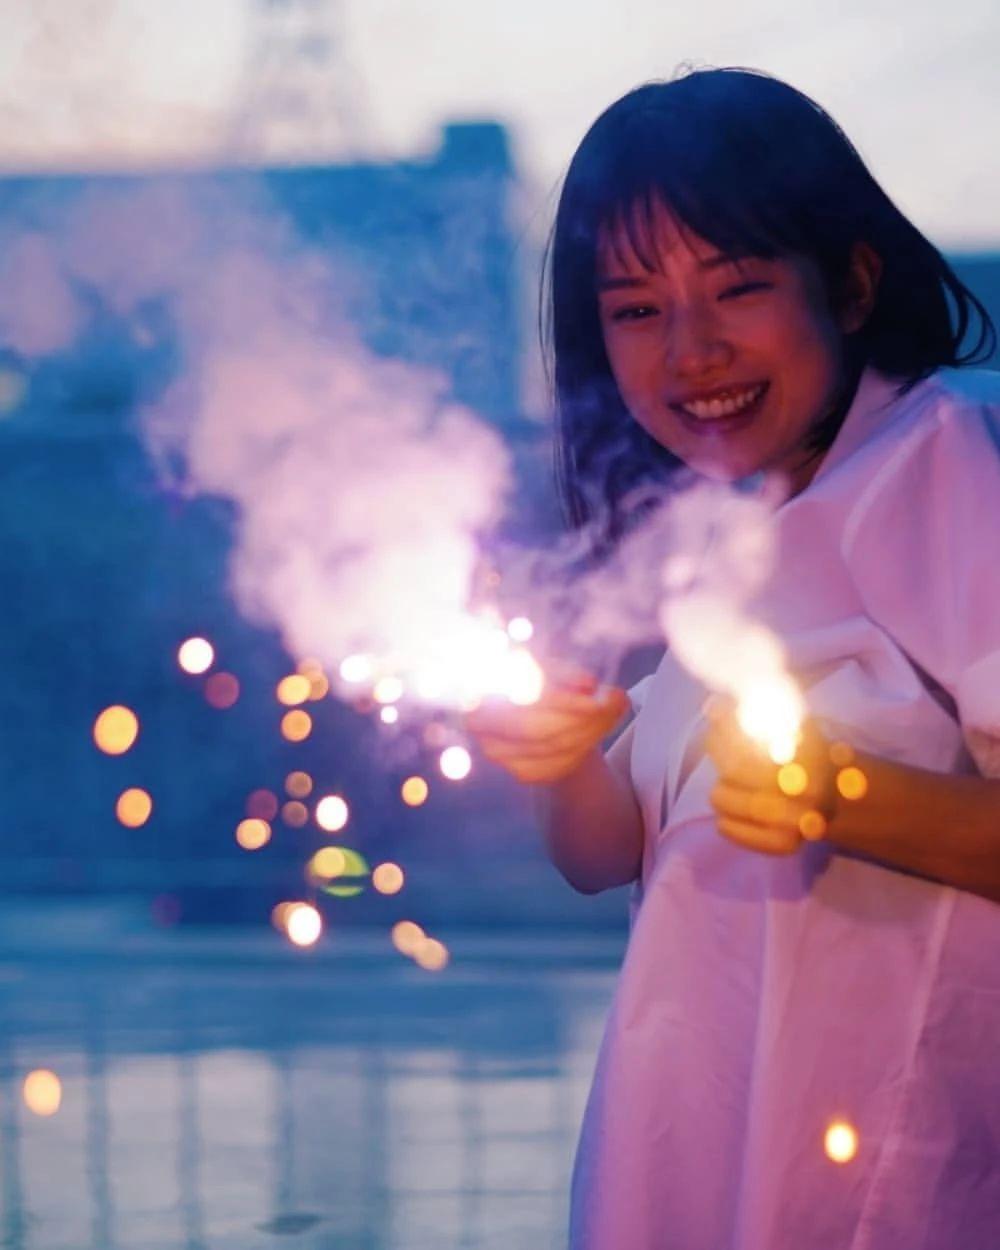 永远一张娃娃脸的棉花糖女孩弘中绫香写真作品 (84)